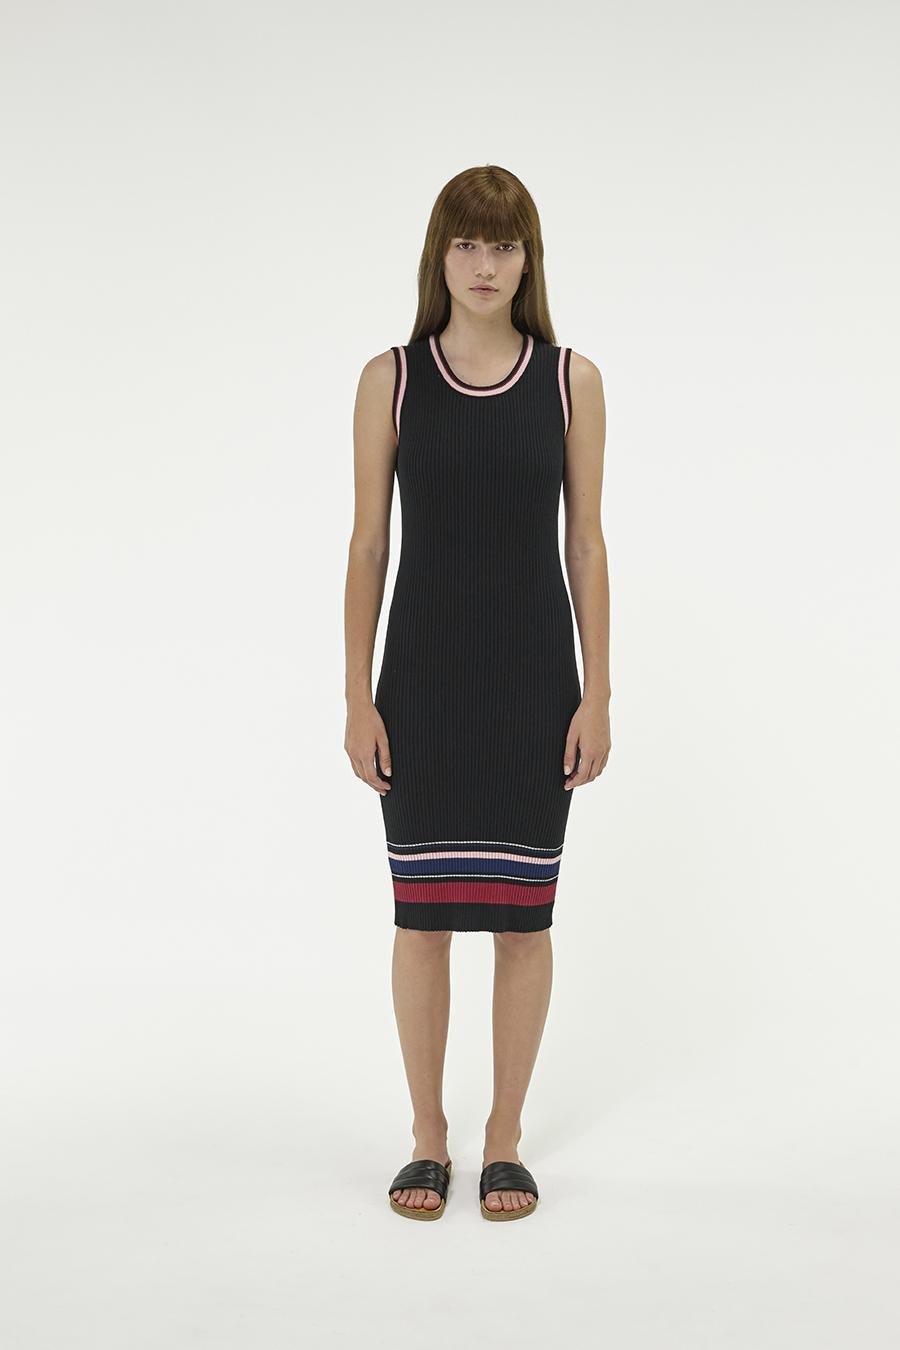 Huffer_Q3-16_W-Rogue-Rib-Dress_Black-01